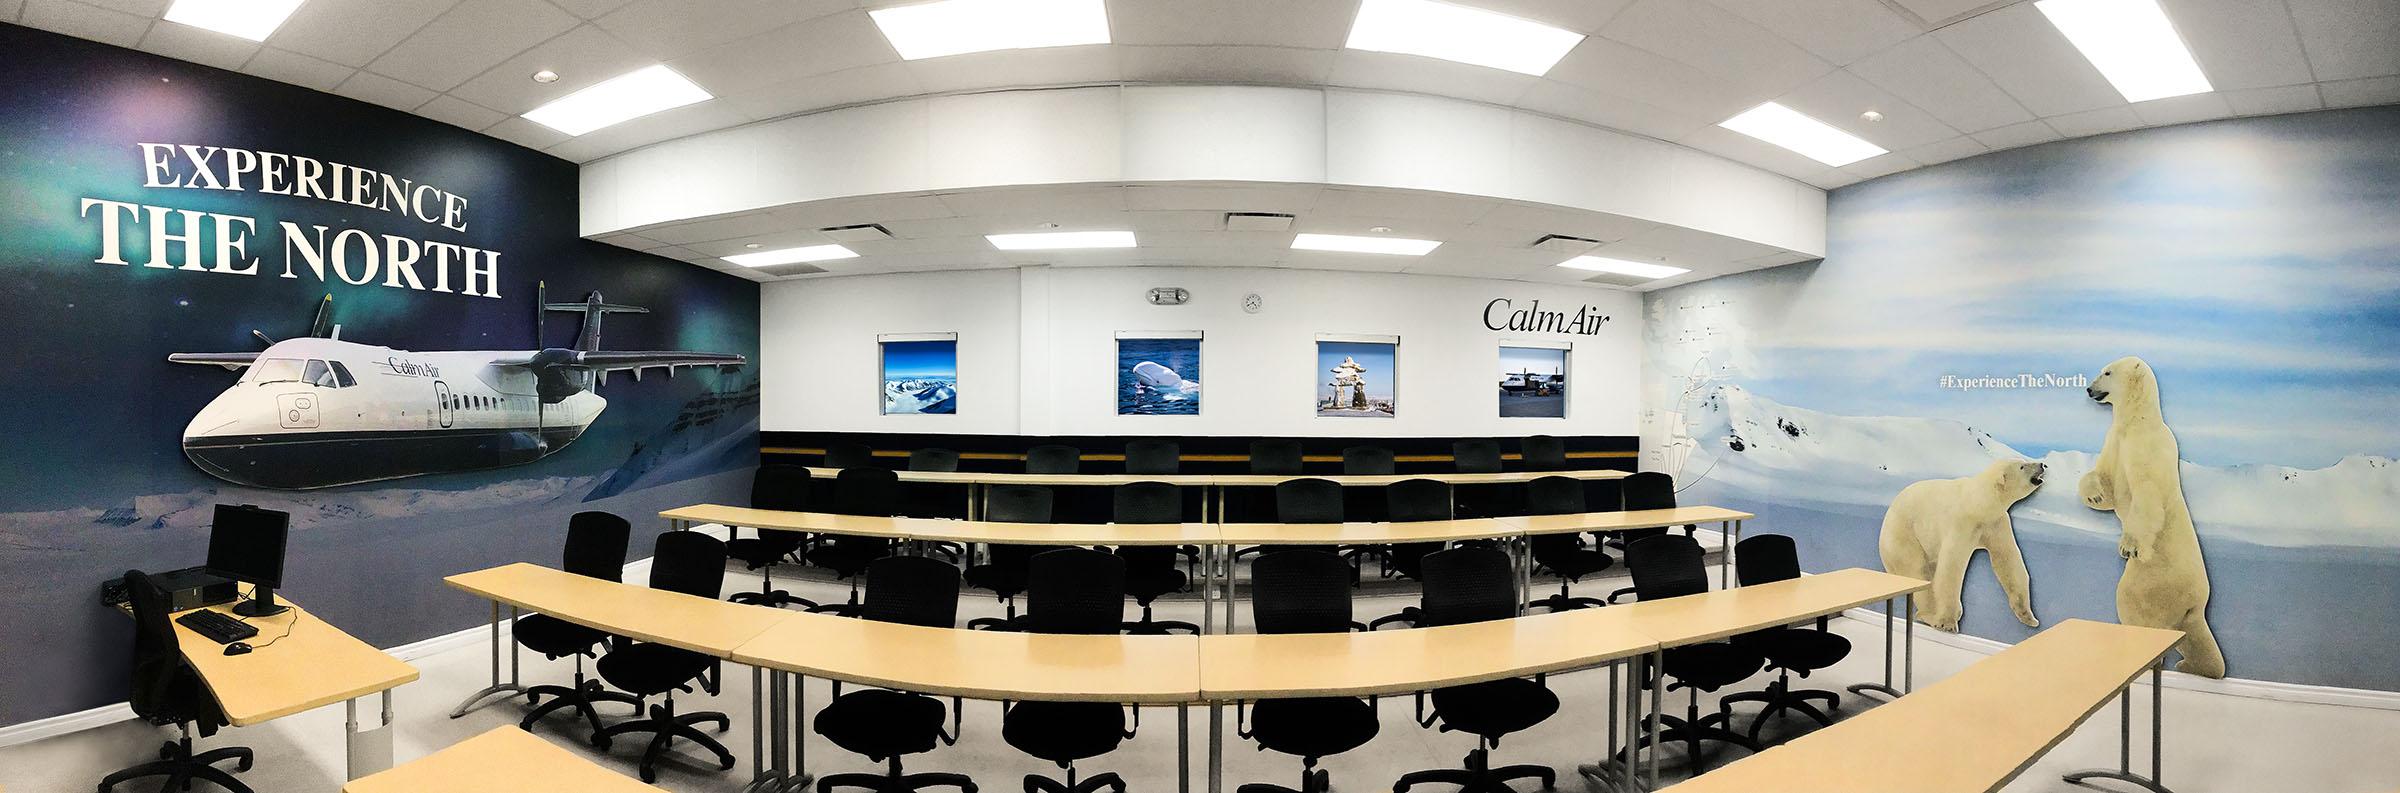 CREATIVE_portfolio_CalmAirClassroom-2223_2400px